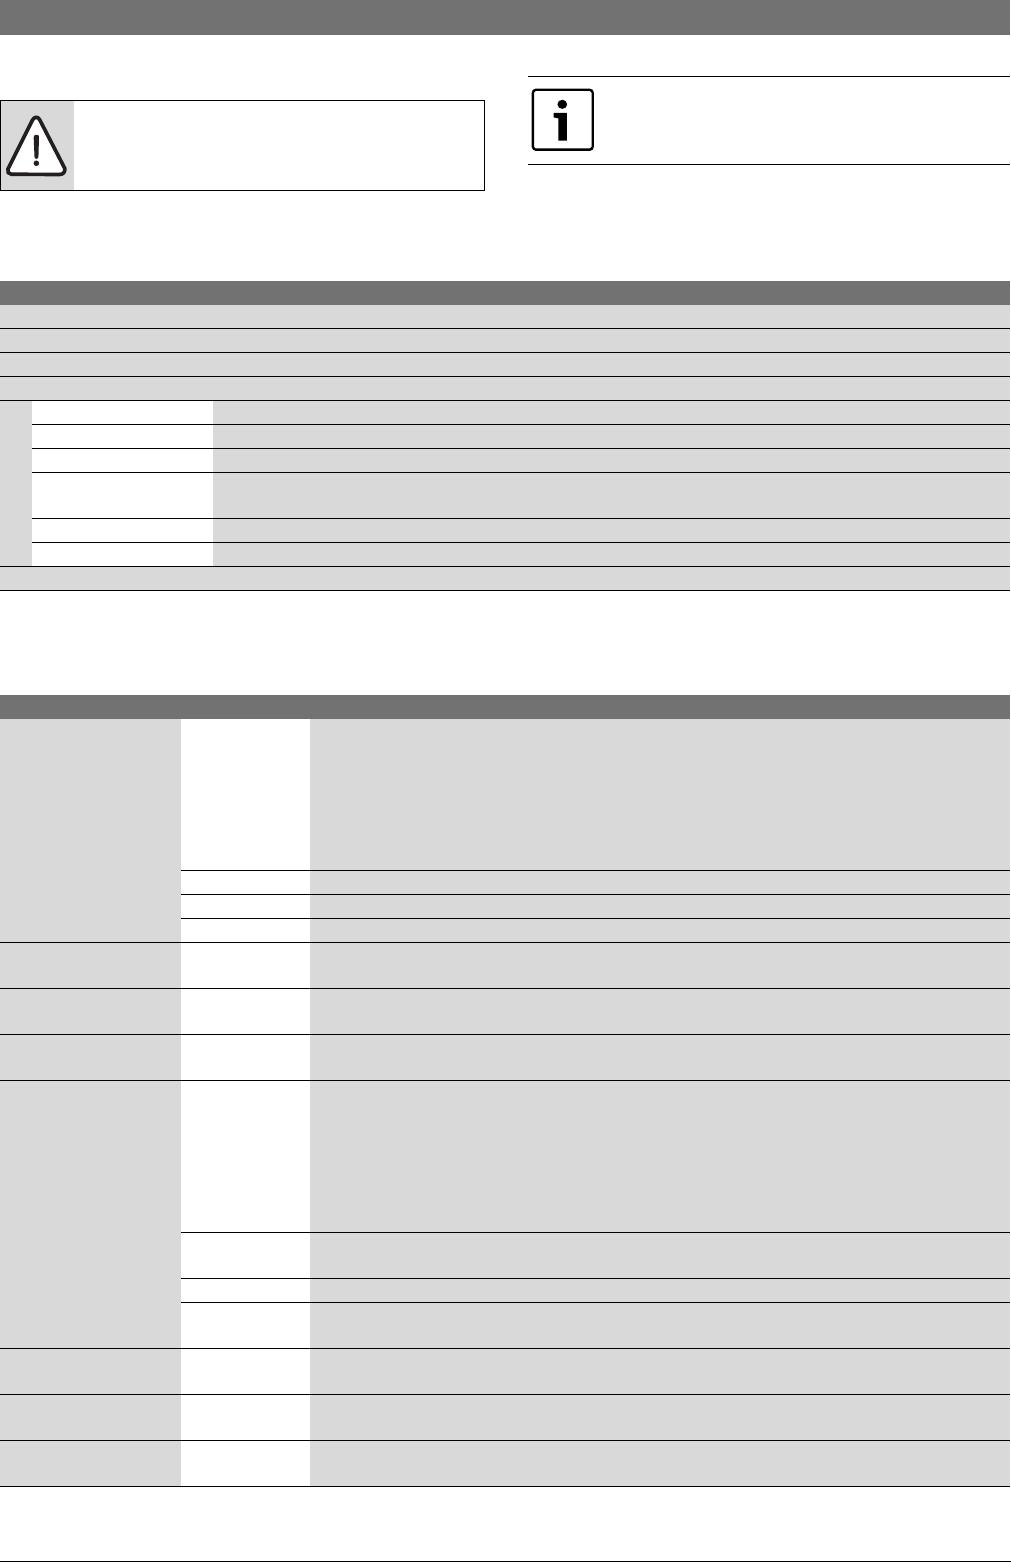 Handleiding Nefit MS 200 (pagina 28 van 192) (Deutsch, English ...